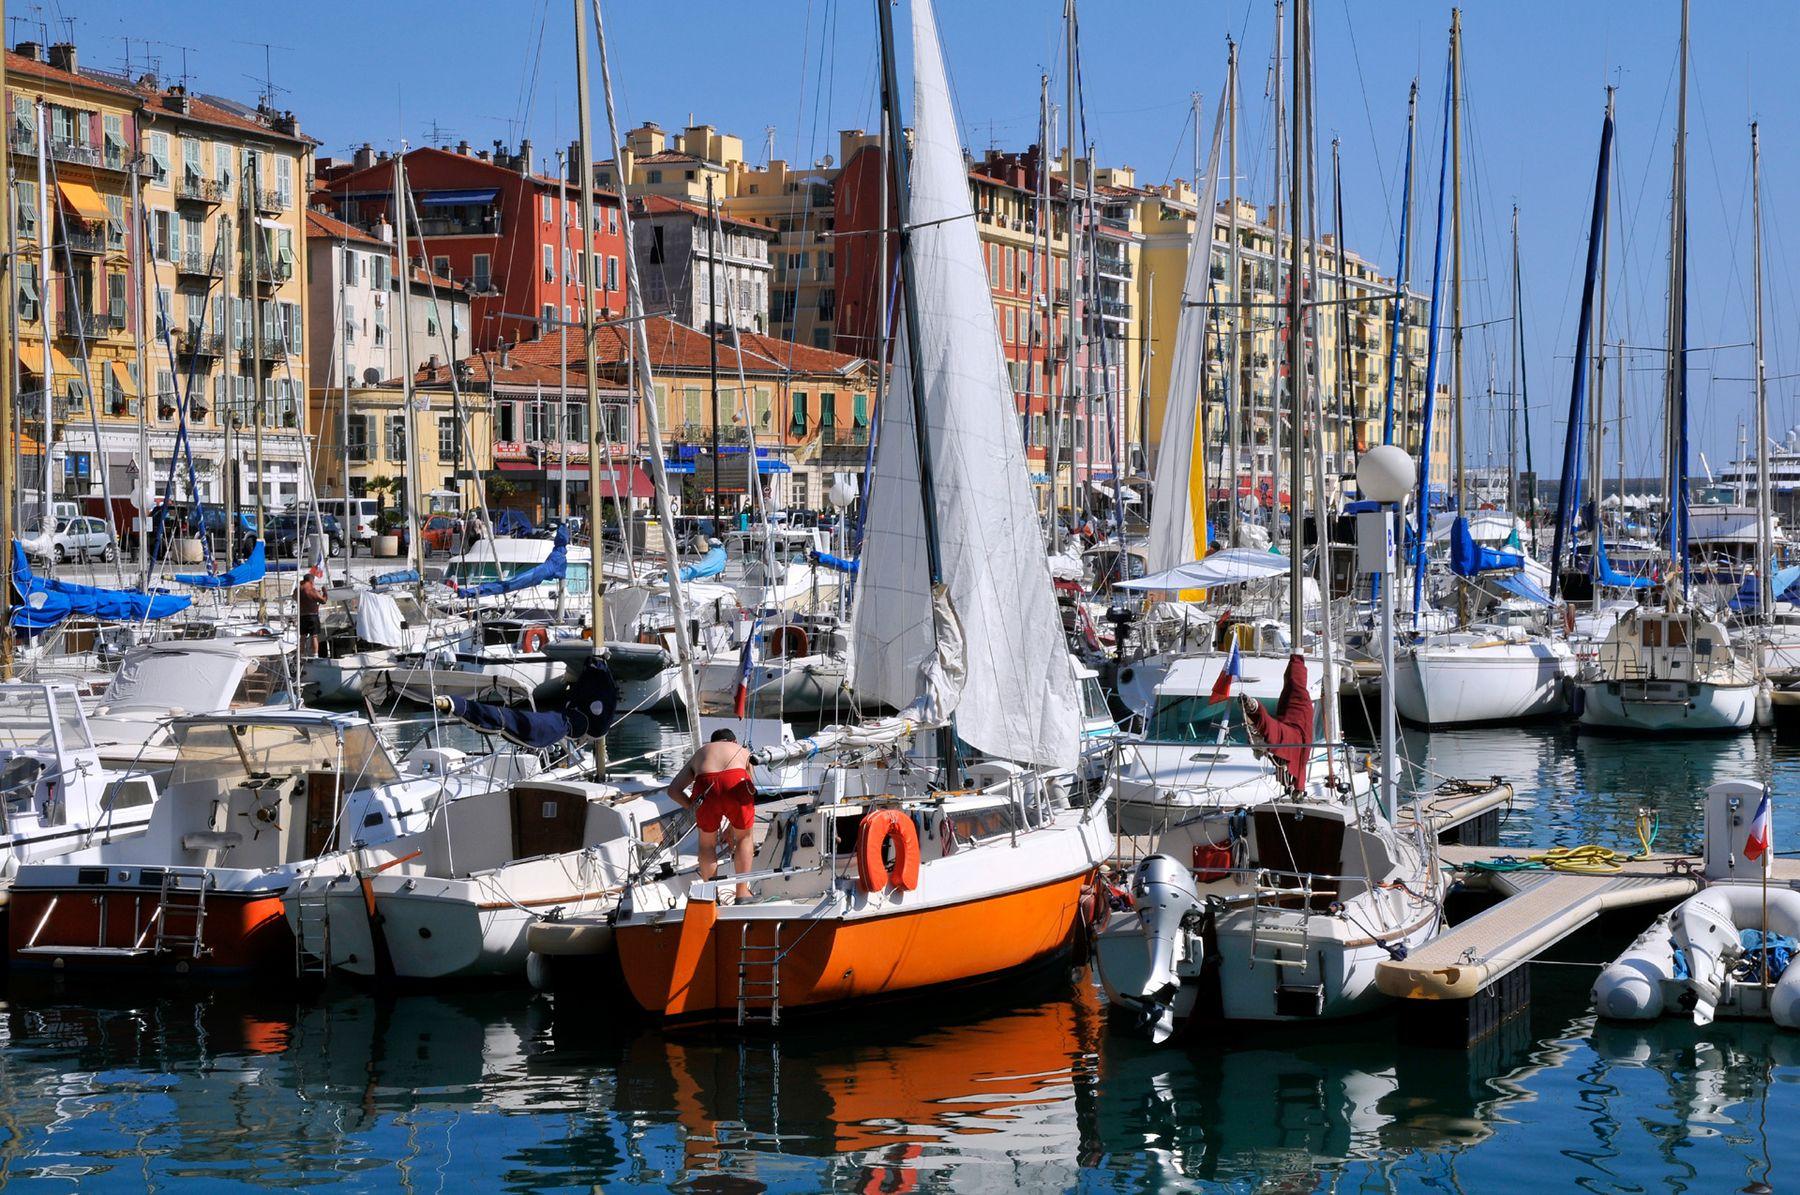 Nizza_Hafen